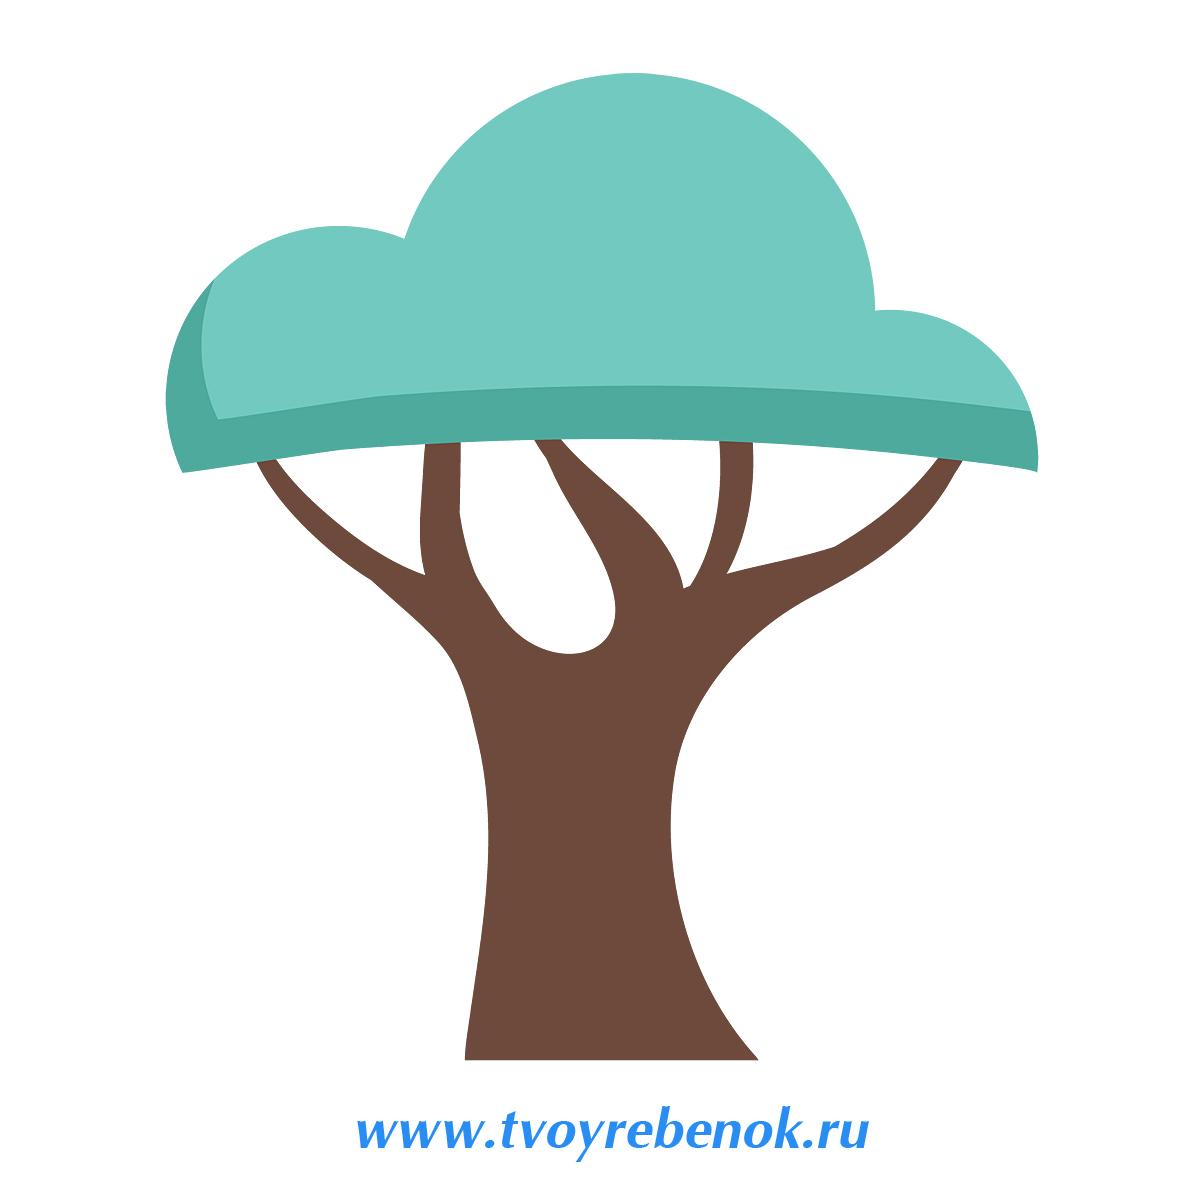 Детские книги электронные с картинками скачать бесплатно